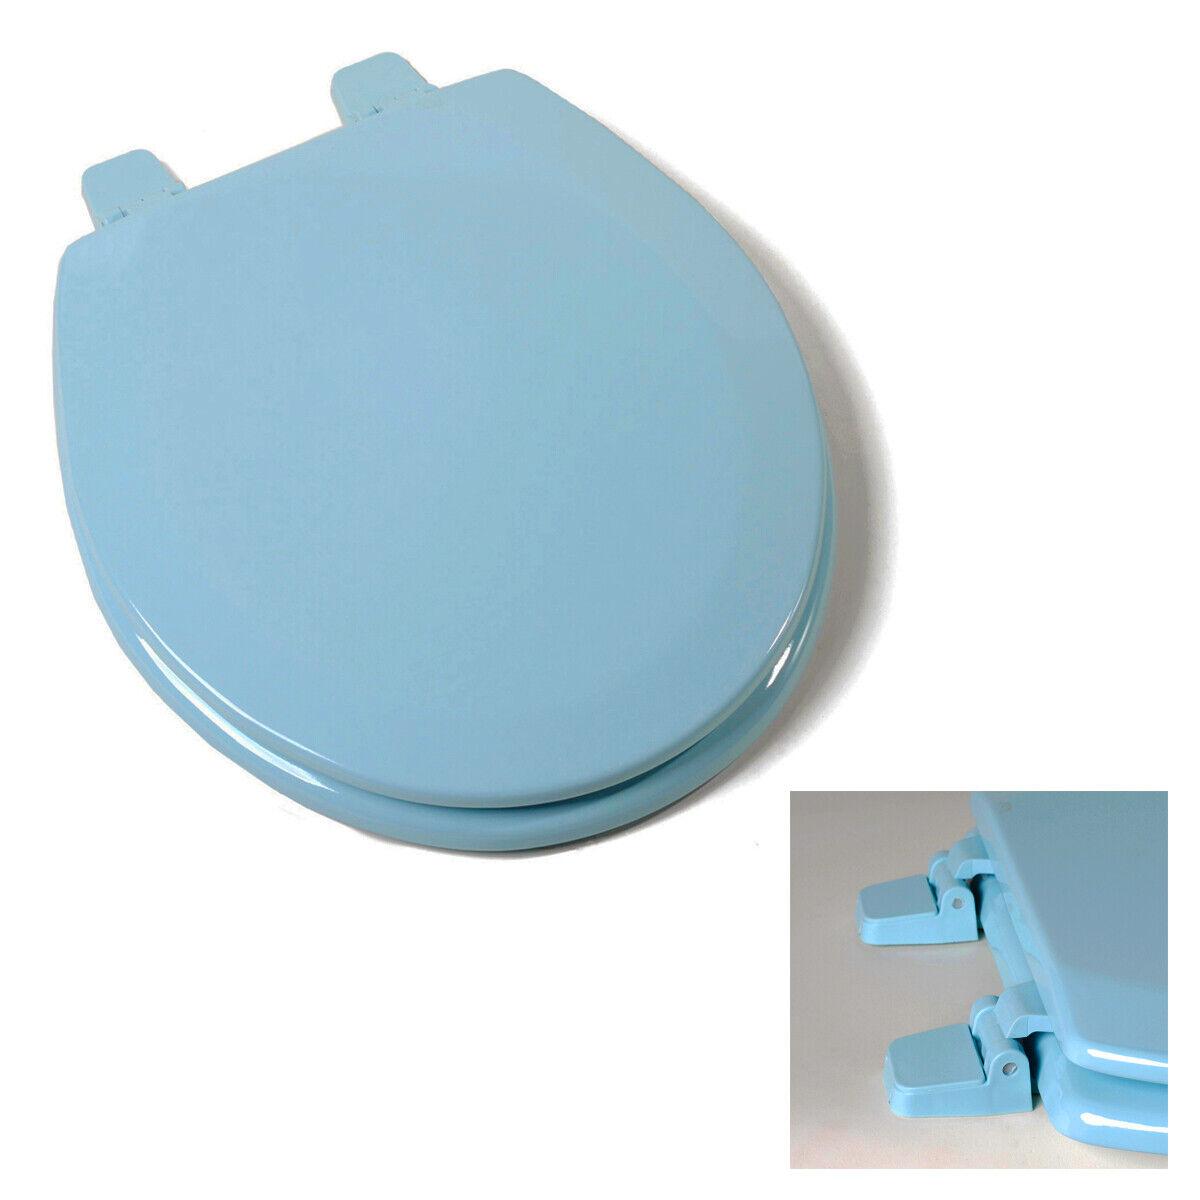 Deluxe Regency Blue Round Wood Toilet Seat, Adjustable Hinges Bath